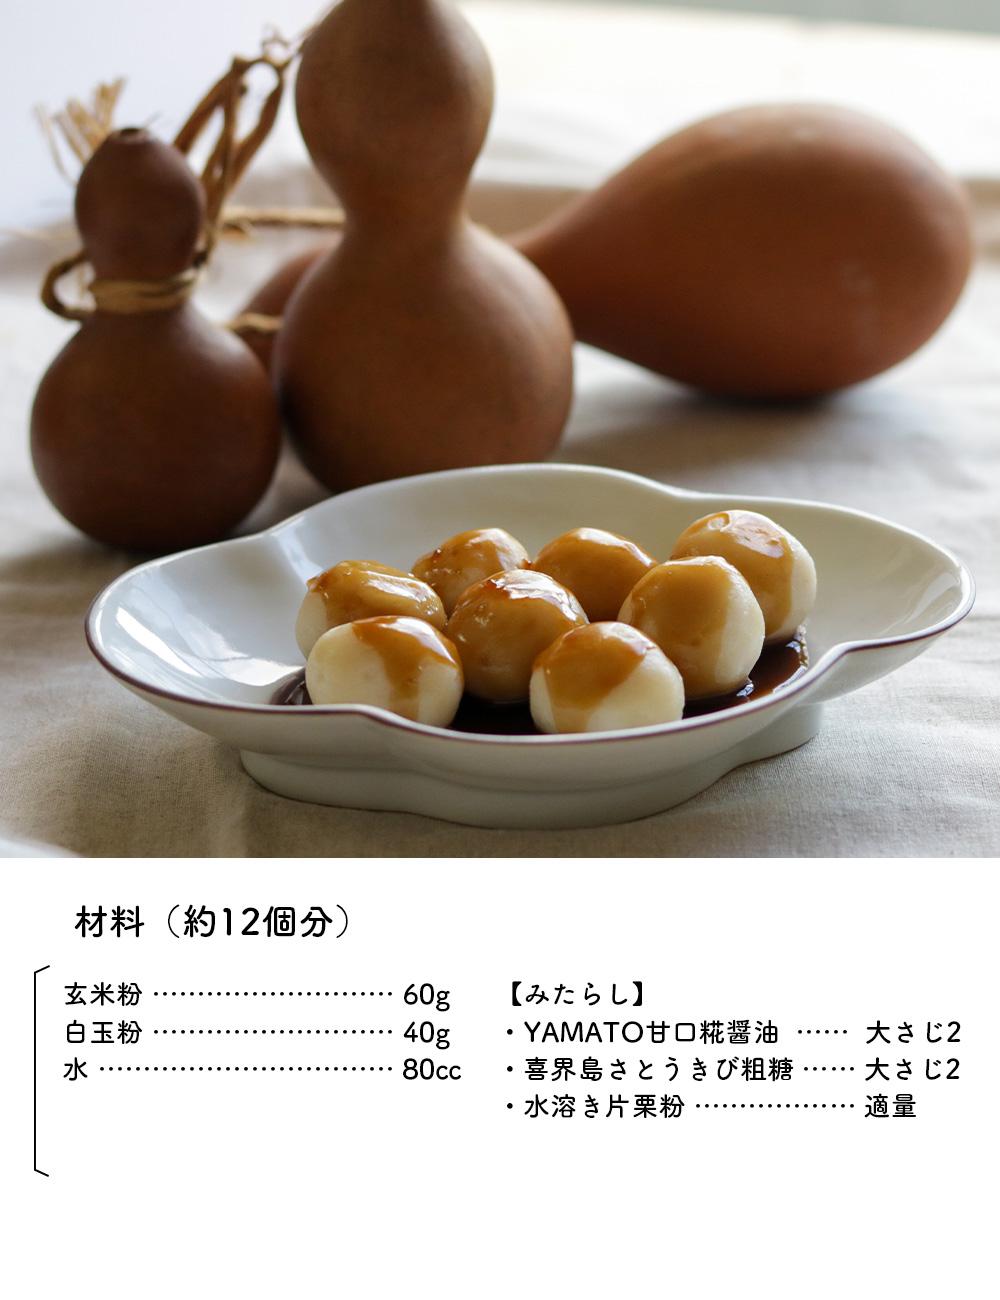 """<font color=""""#b8860b"""">おうちで作ってみませんか?<br /> 焼いても美味しいもっちもちの玄米団子。</font><br /> <font size=""""+1"""">お月見玄米団子</font>"""